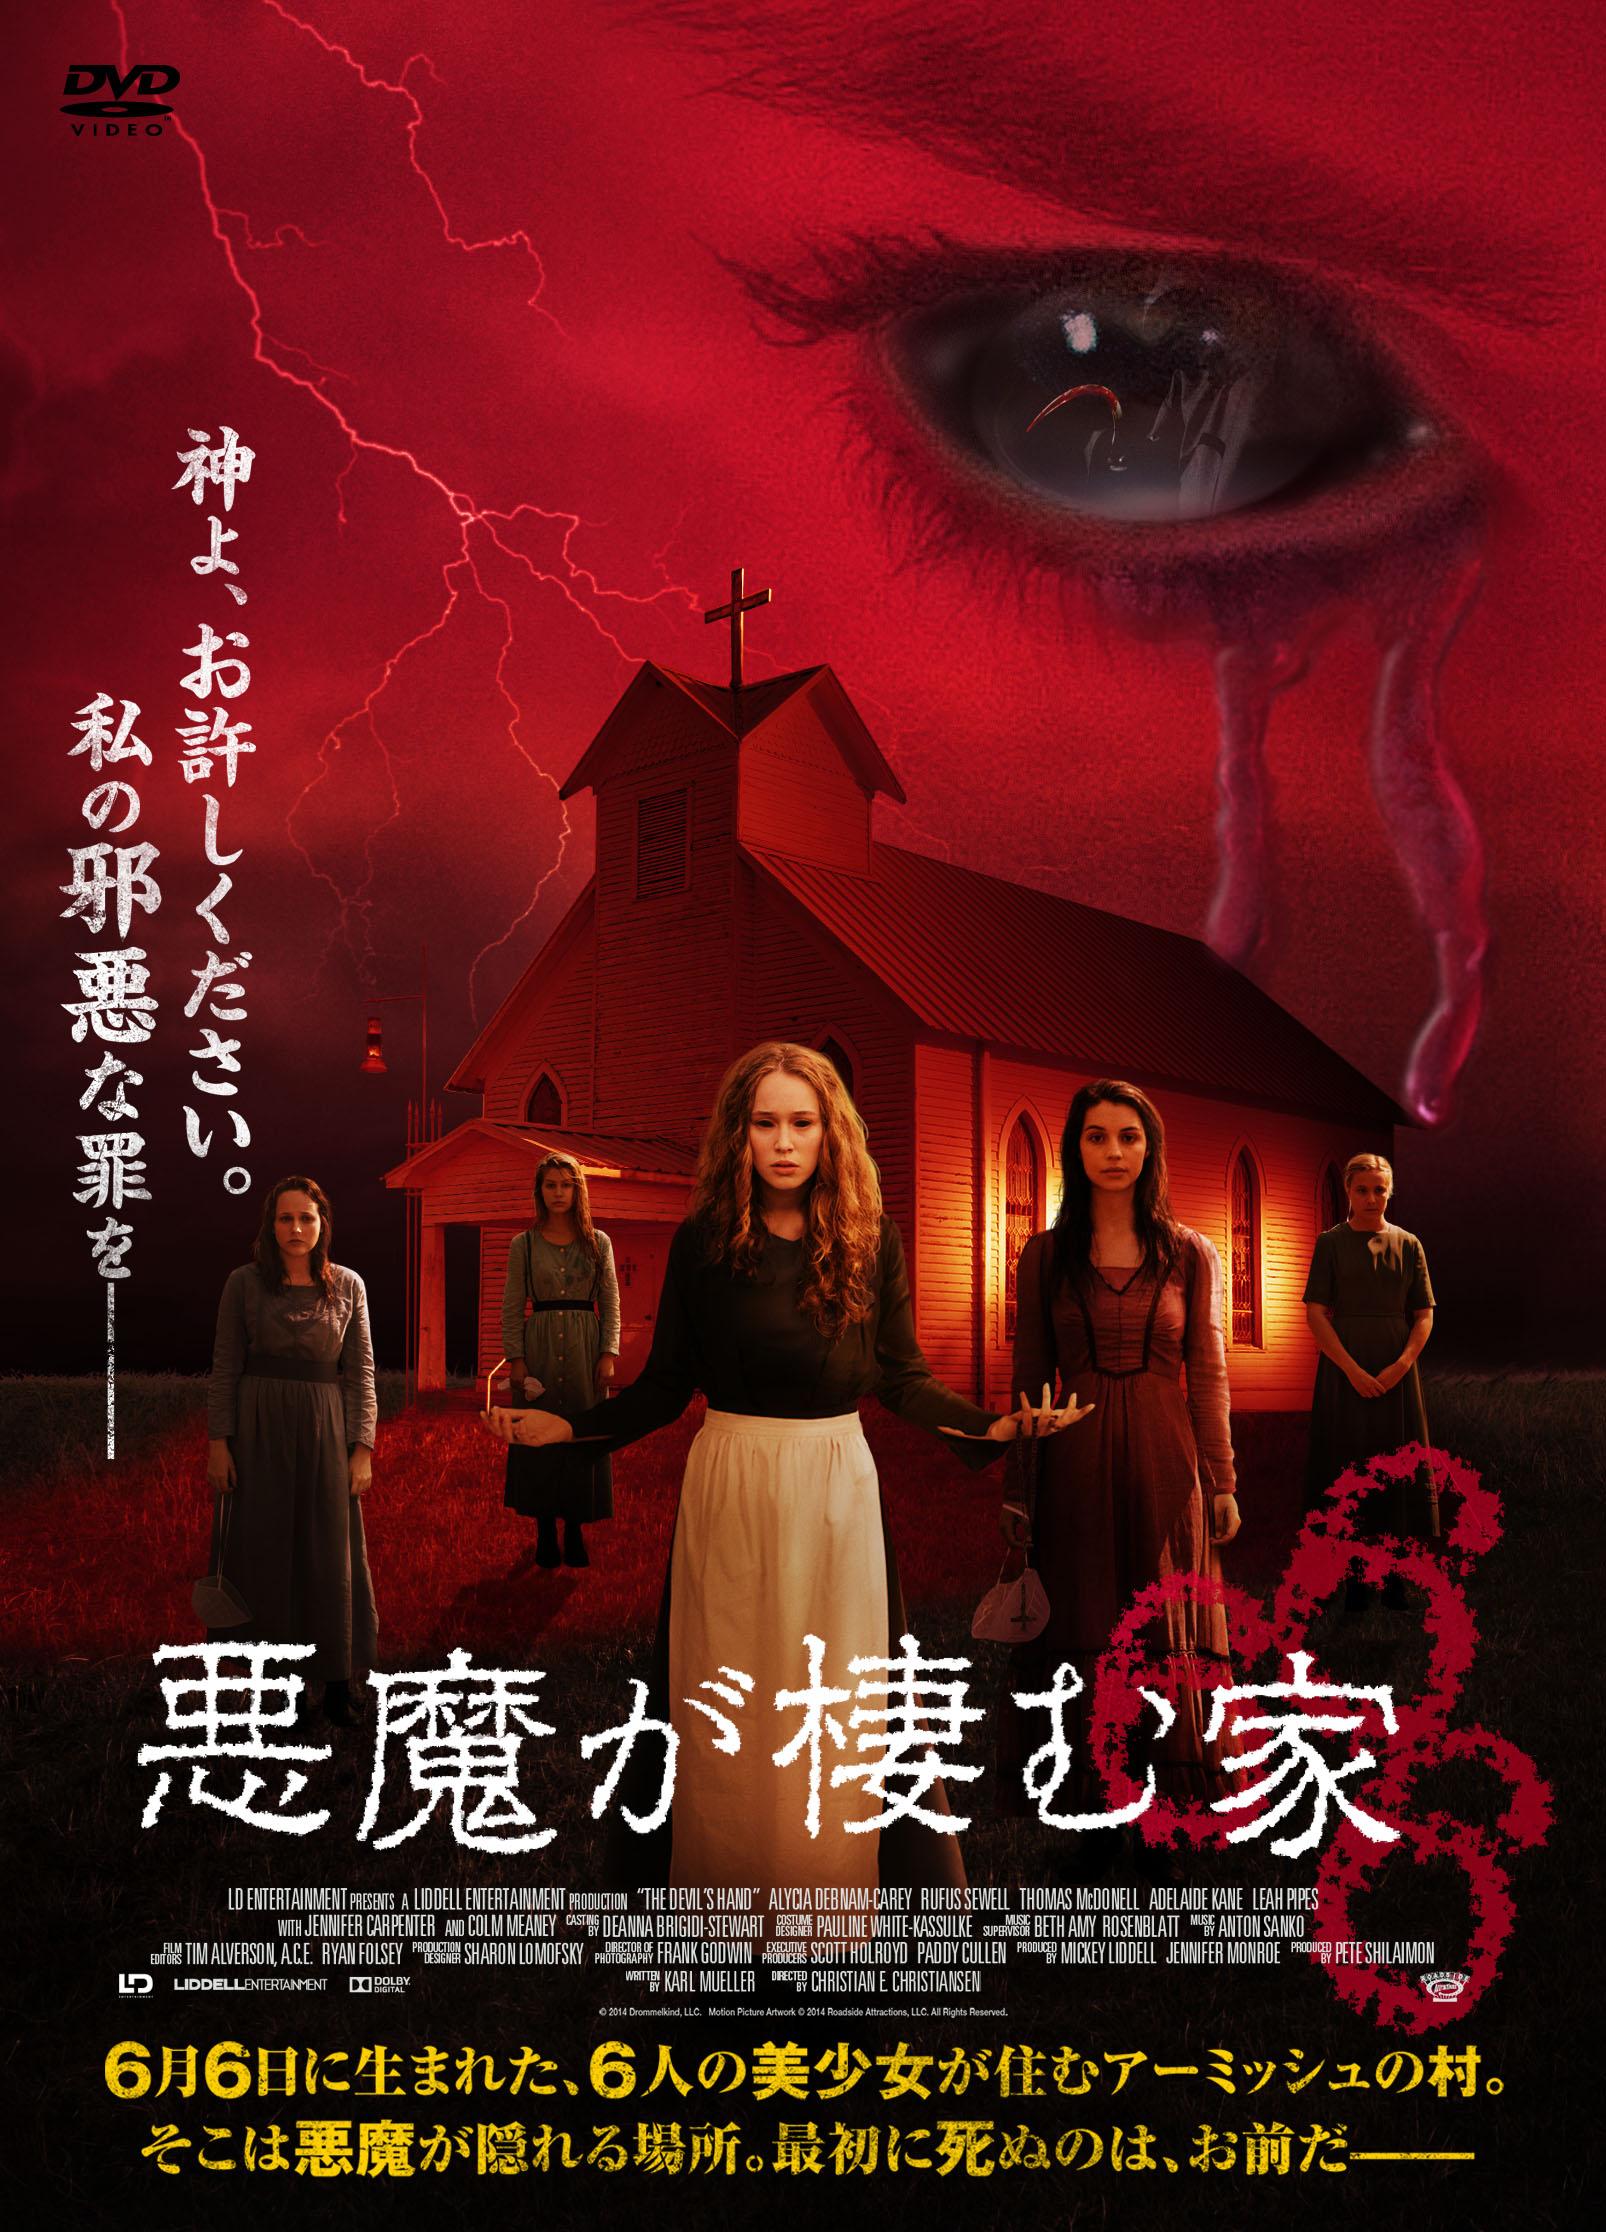 悪魔が棲む家666[DVDレンタル]